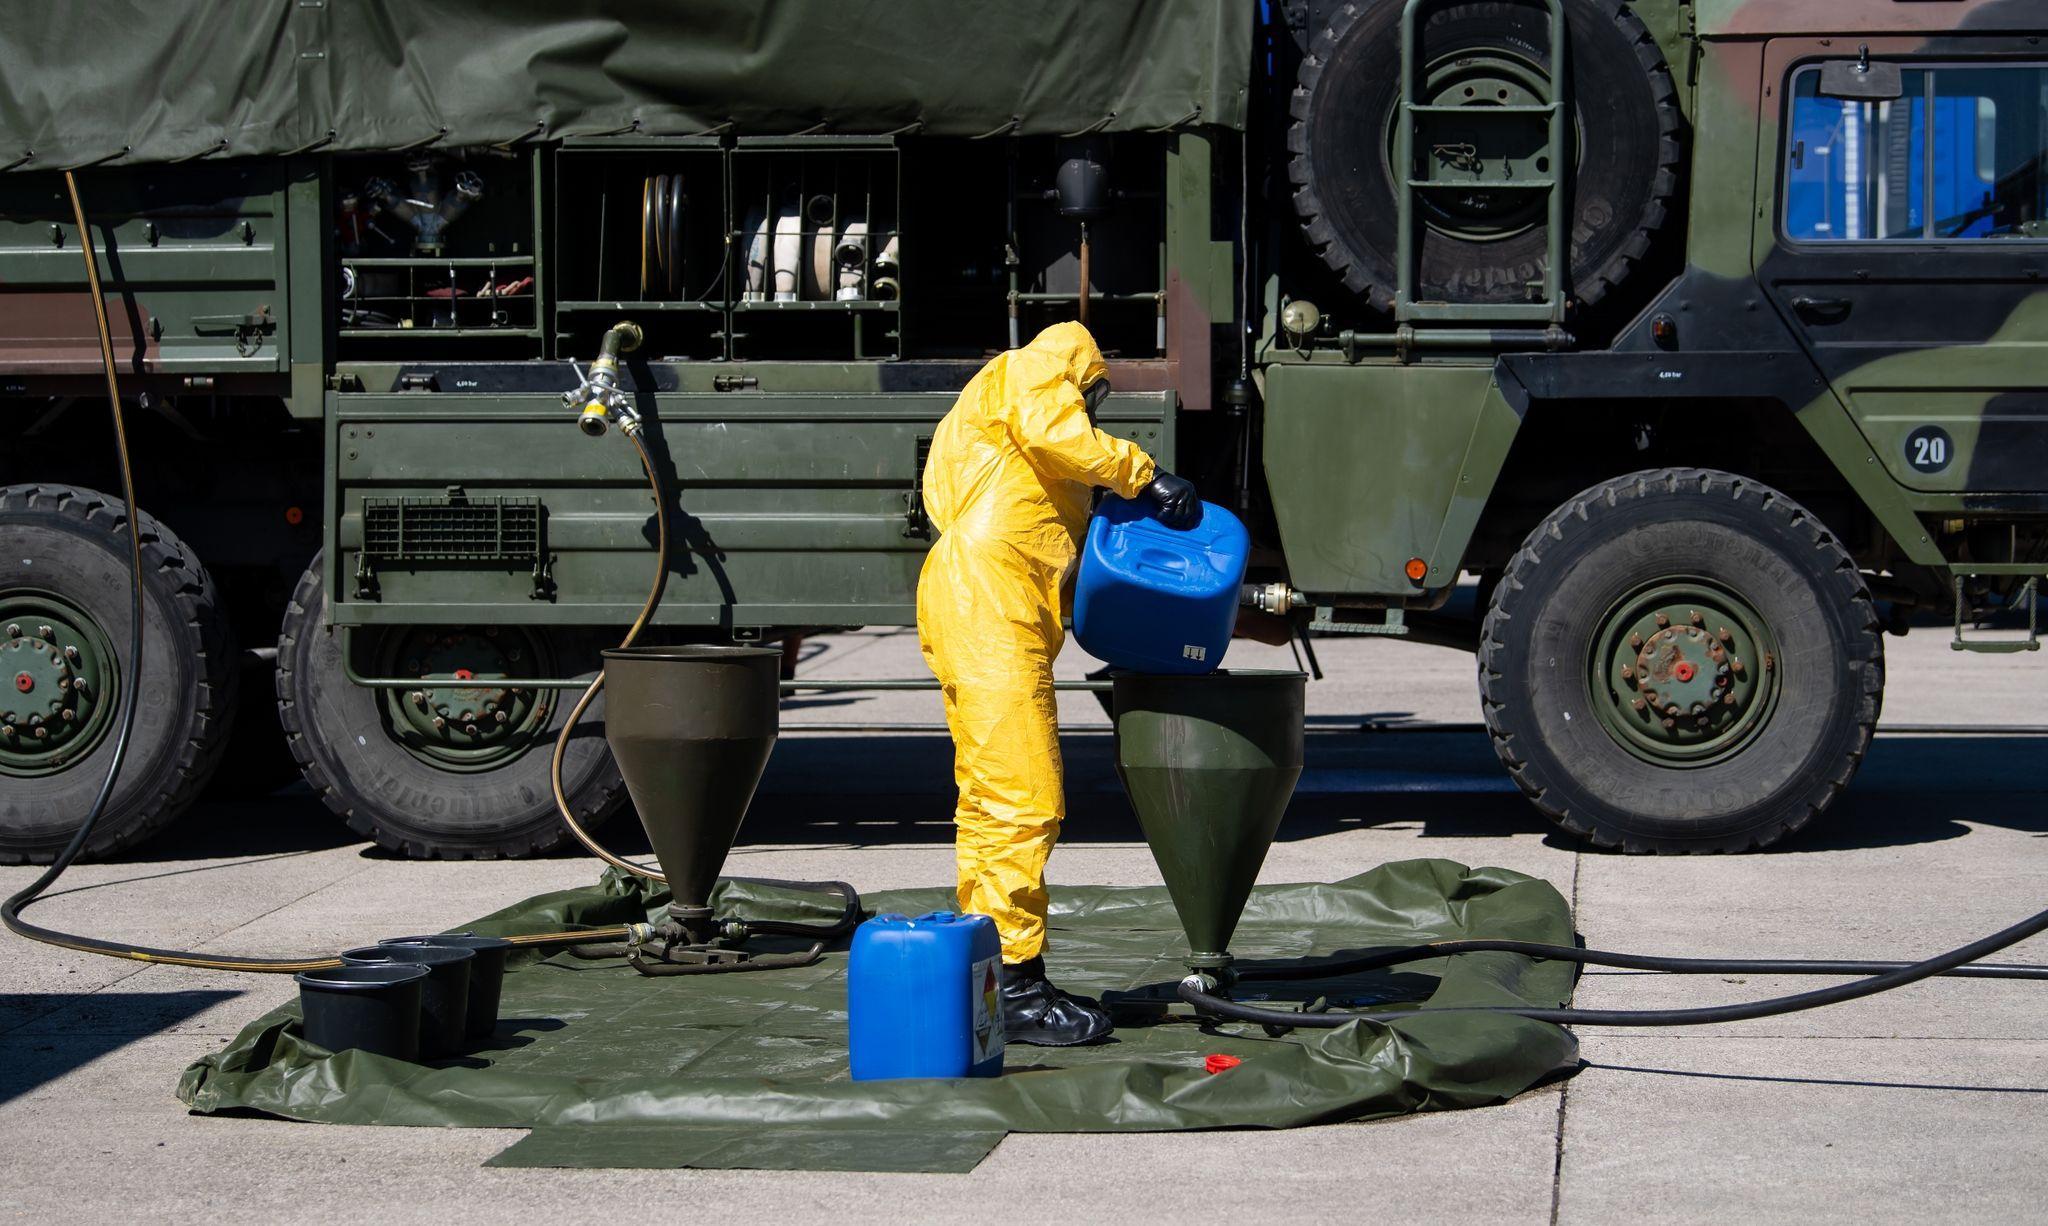 Auf die Bundeswehr könnten Covid-19-Einsätze zukommen. Foto: dpa/Hoppe